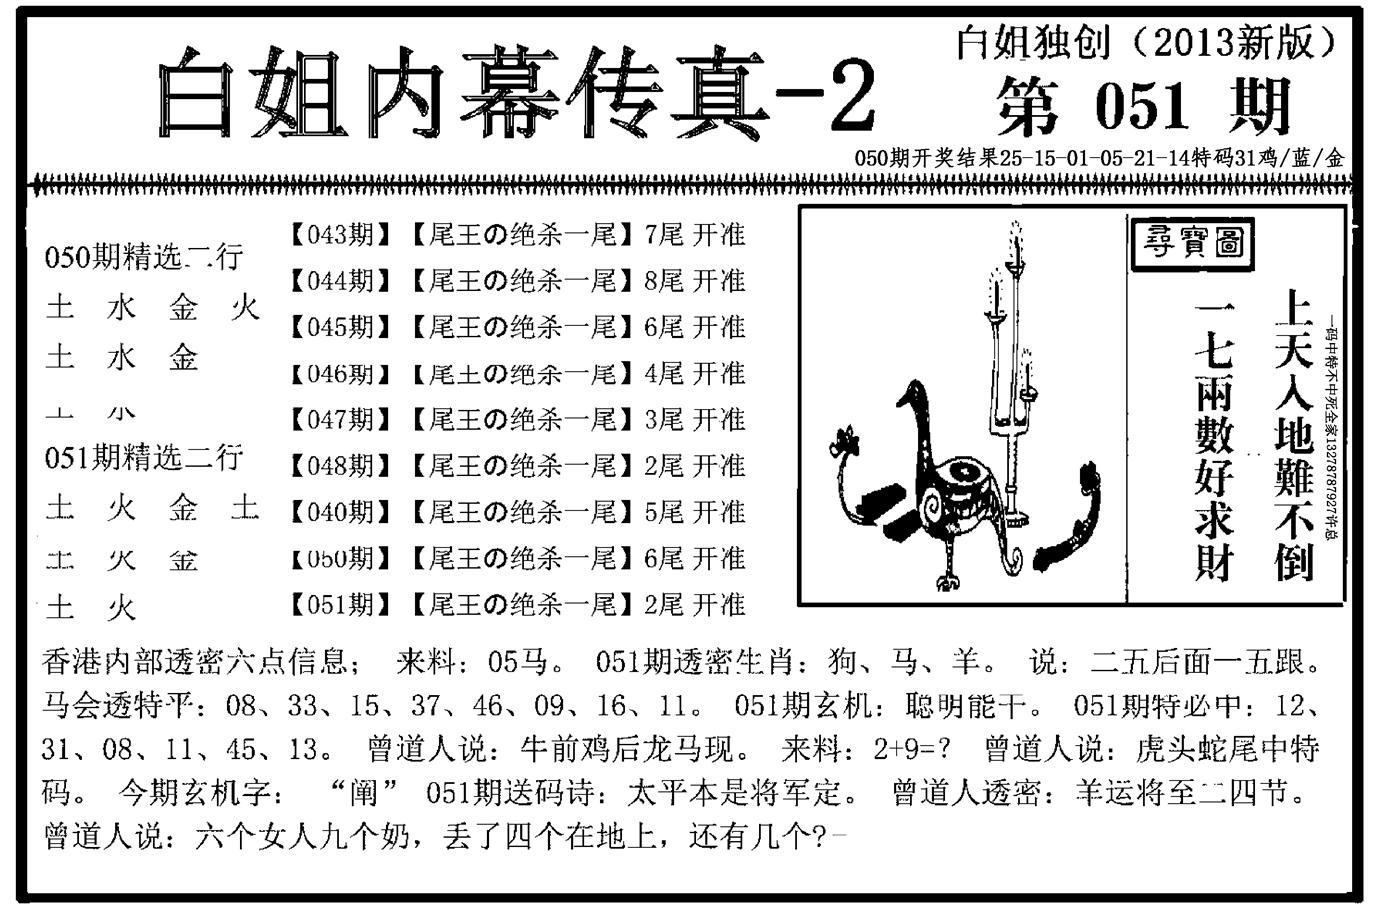 051期白姐内幕传真-2(黑白)